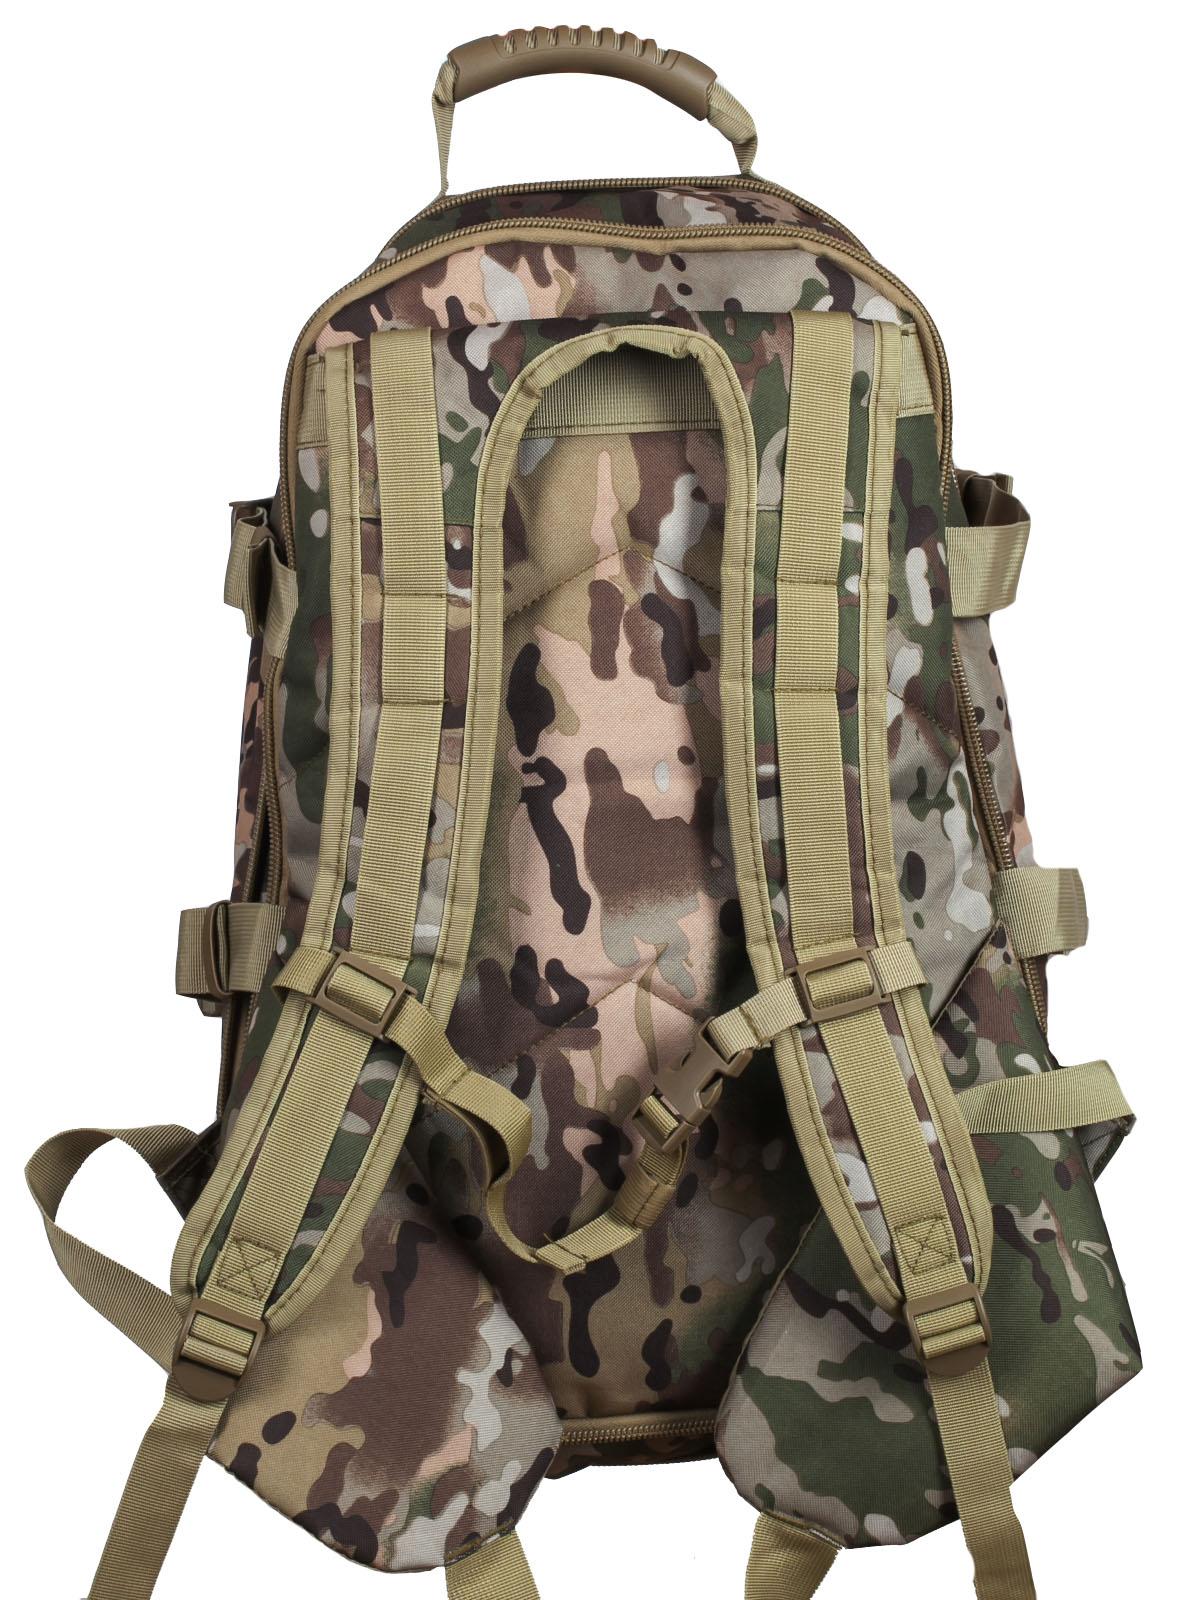 Тактический ранец 3-Day Expandable Backpack 08002A OCP с доставкой